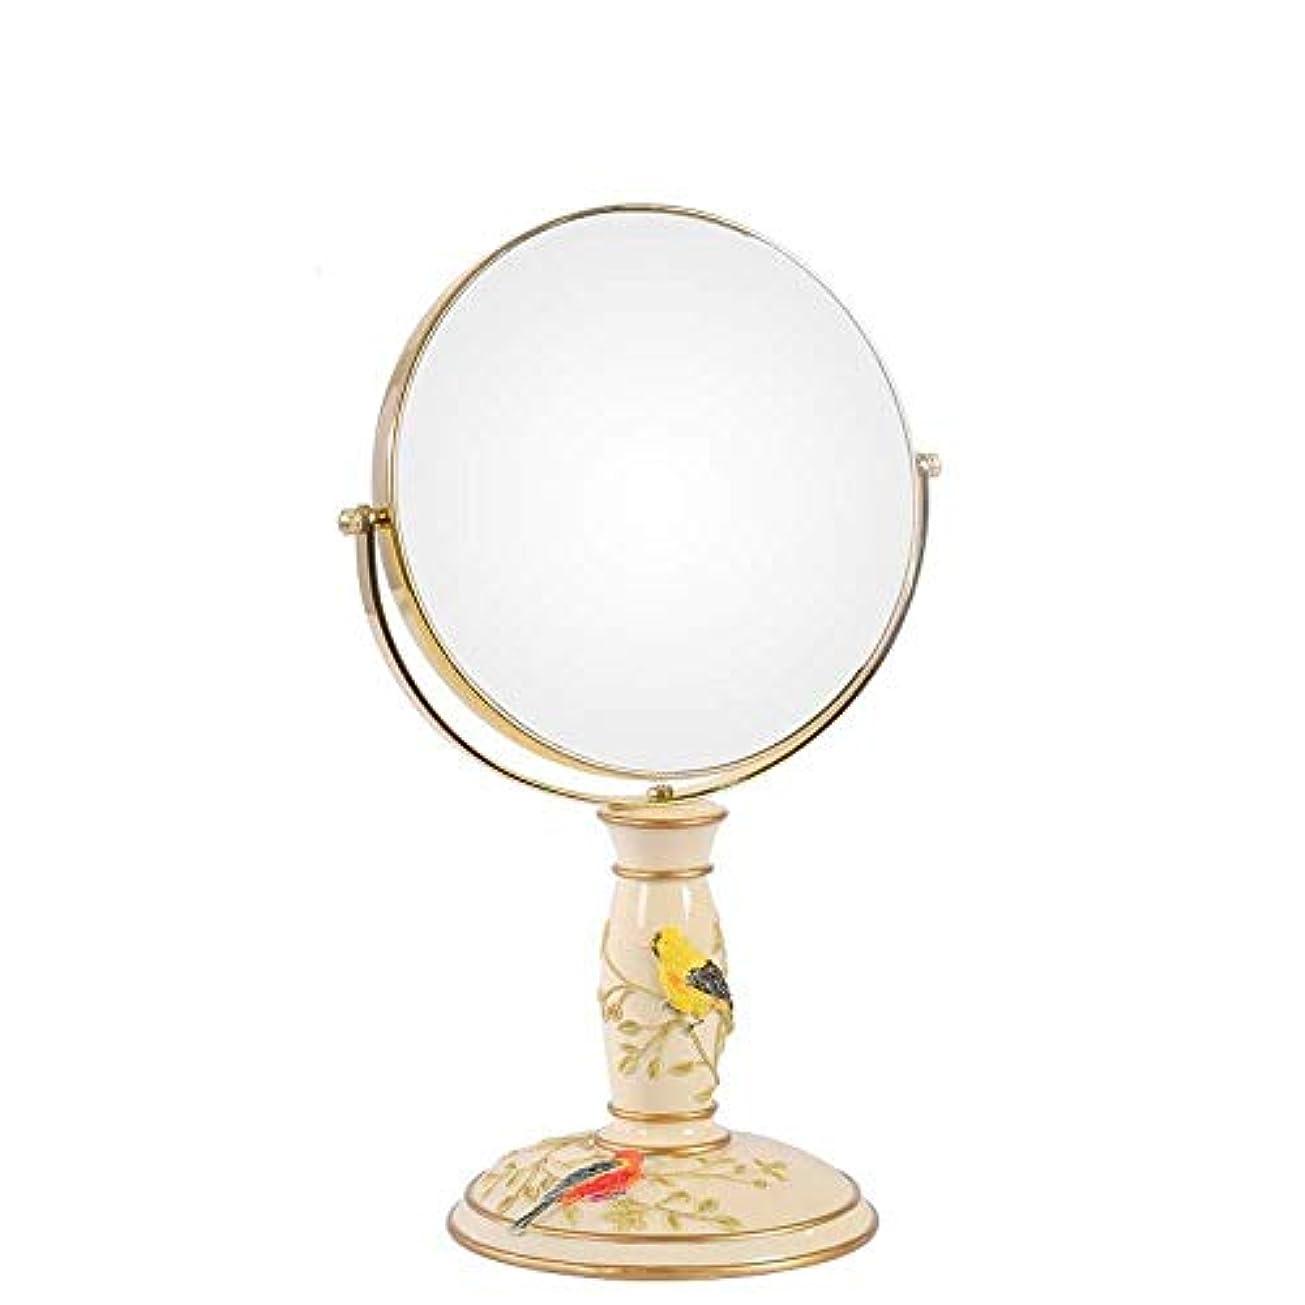 喜び特許弱まる流行の ビンテージ化粧鏡、鏡360°回転スタンド、倍率1倍、3倍、ラウンドダブル両面回転化粧鏡